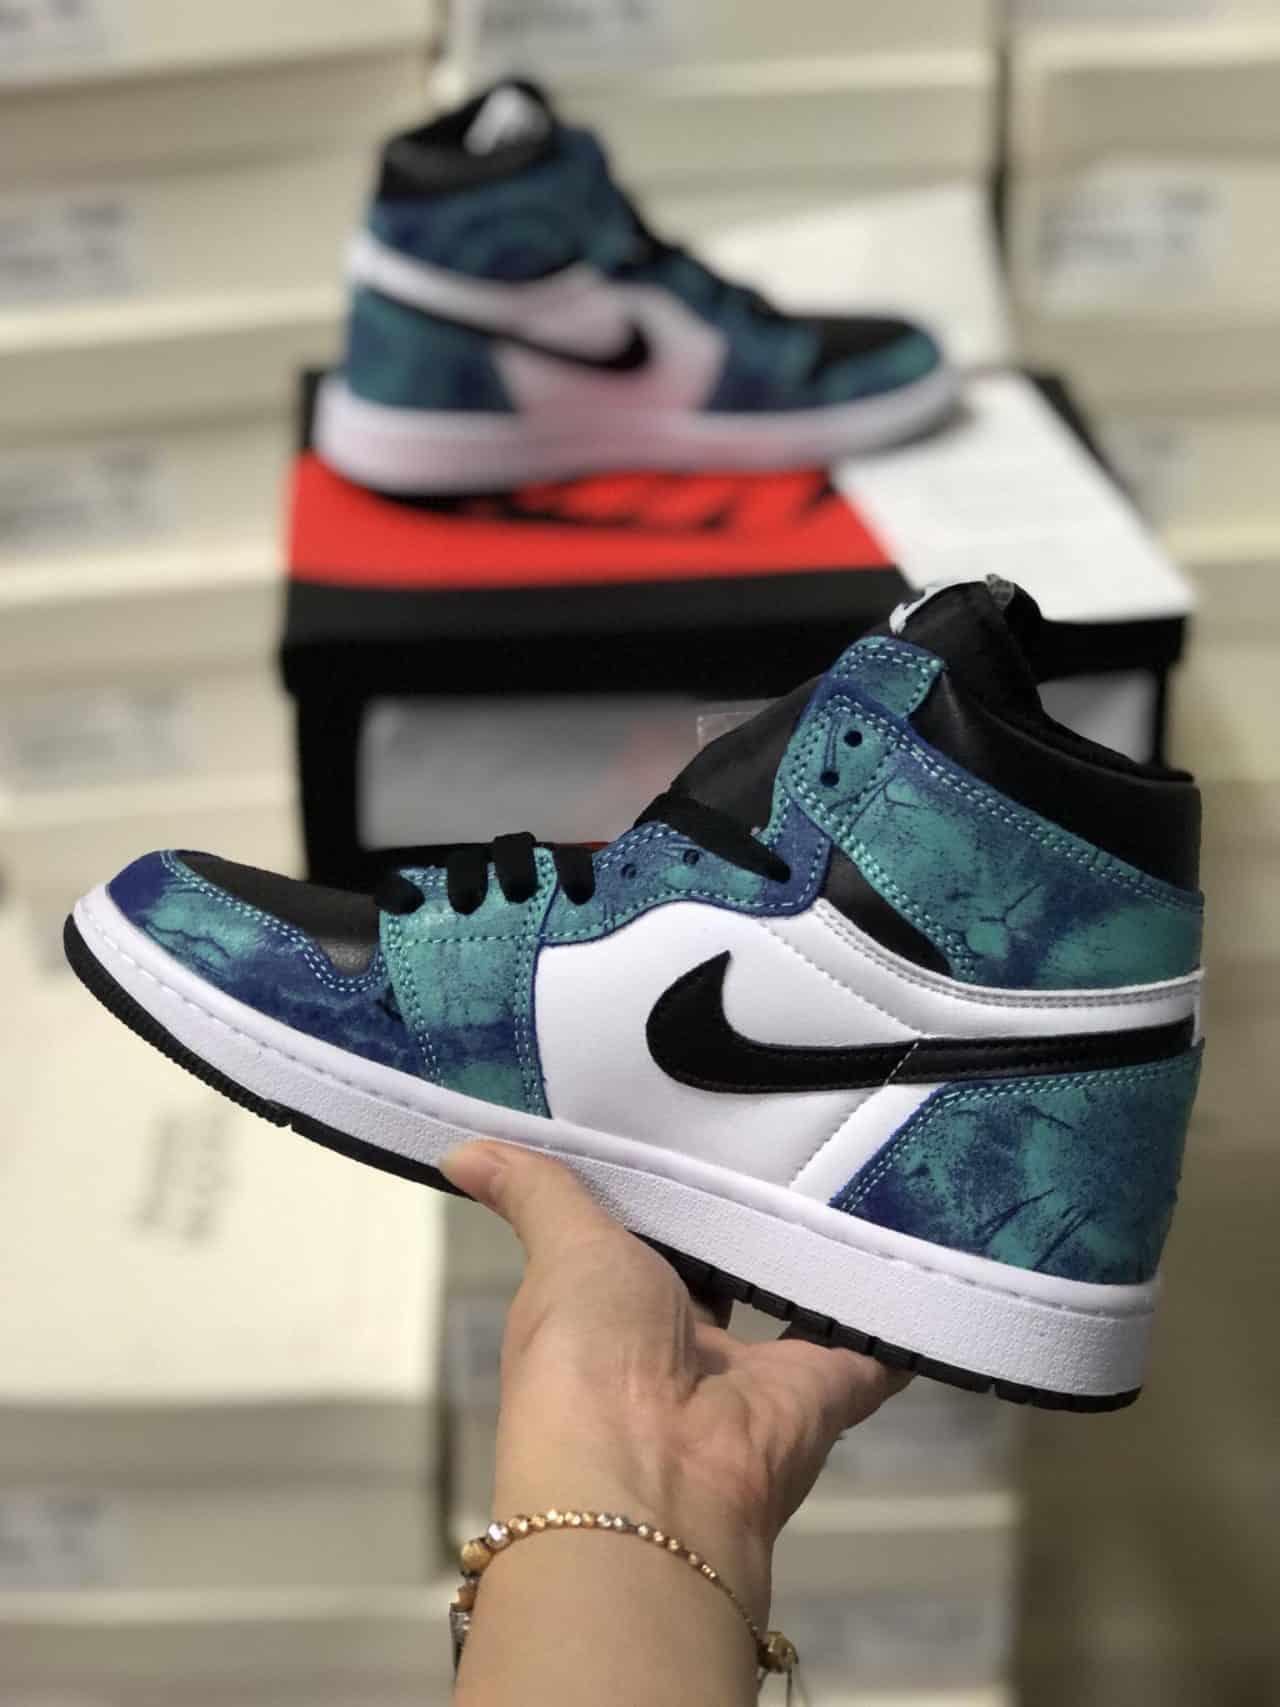 Giày Jordan 1 High Tie Dye rep 1:1 là một siêu phẩm đình đám trong giới Sneaker